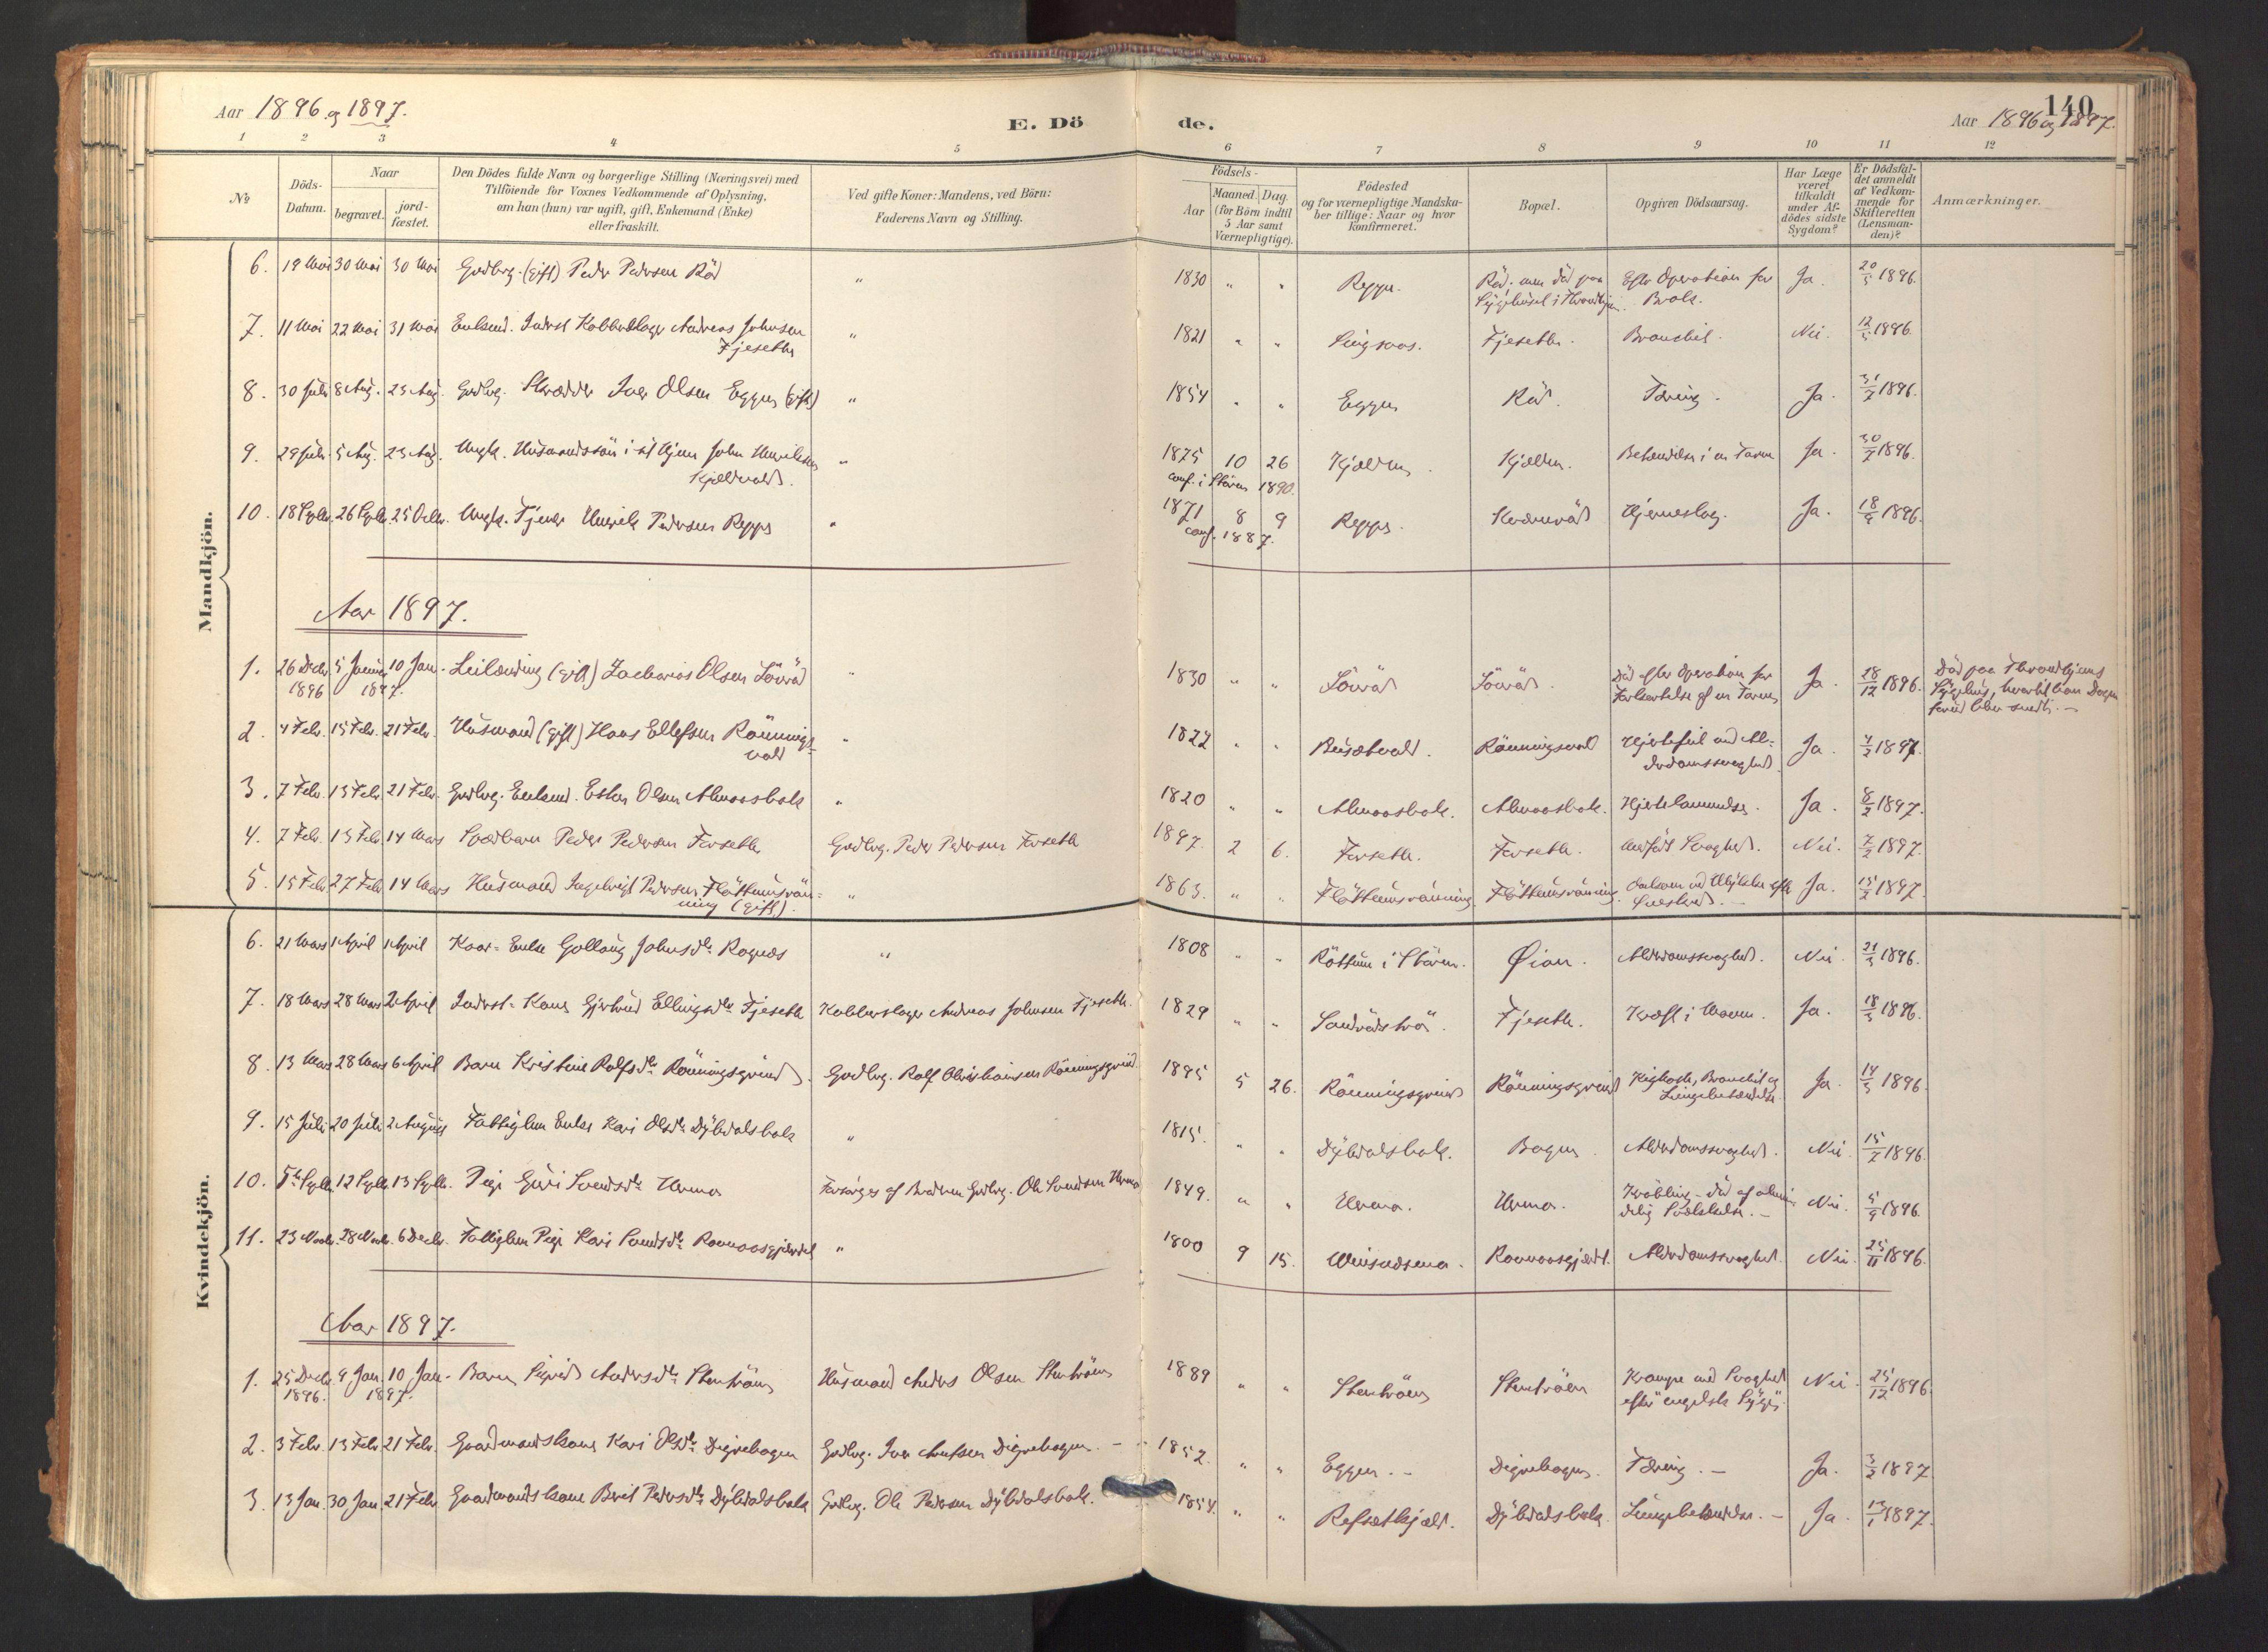 SAT, Ministerialprotokoller, klokkerbøker og fødselsregistre - Sør-Trøndelag, 688/L1025: Ministerialbok nr. 688A02, 1891-1909, s. 140